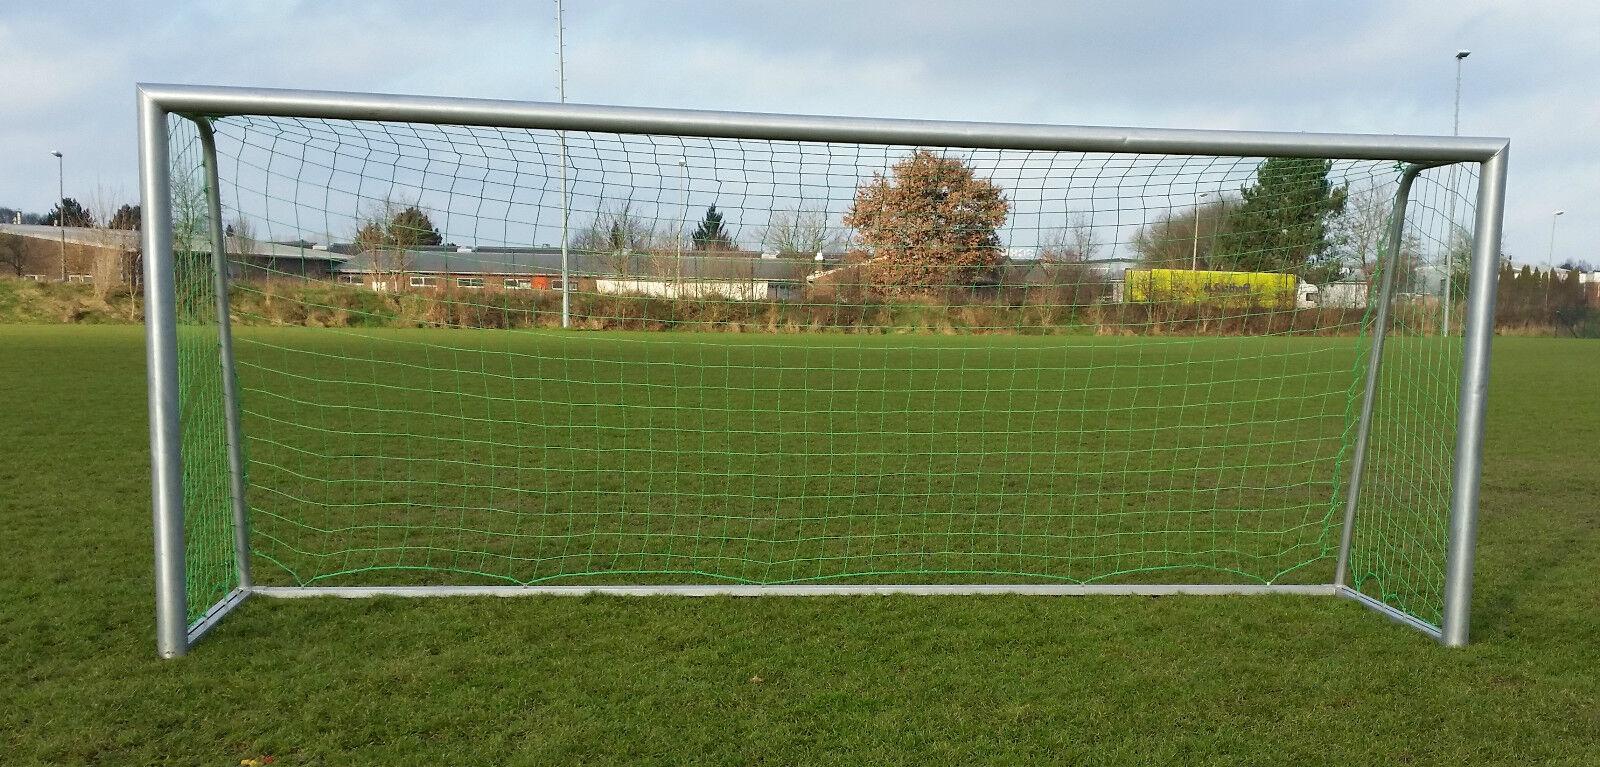 Fußball Tornetz 7,32x2,44m oben 80 unten 150 Stärke 3mm 3mm 3mm grün d1021a